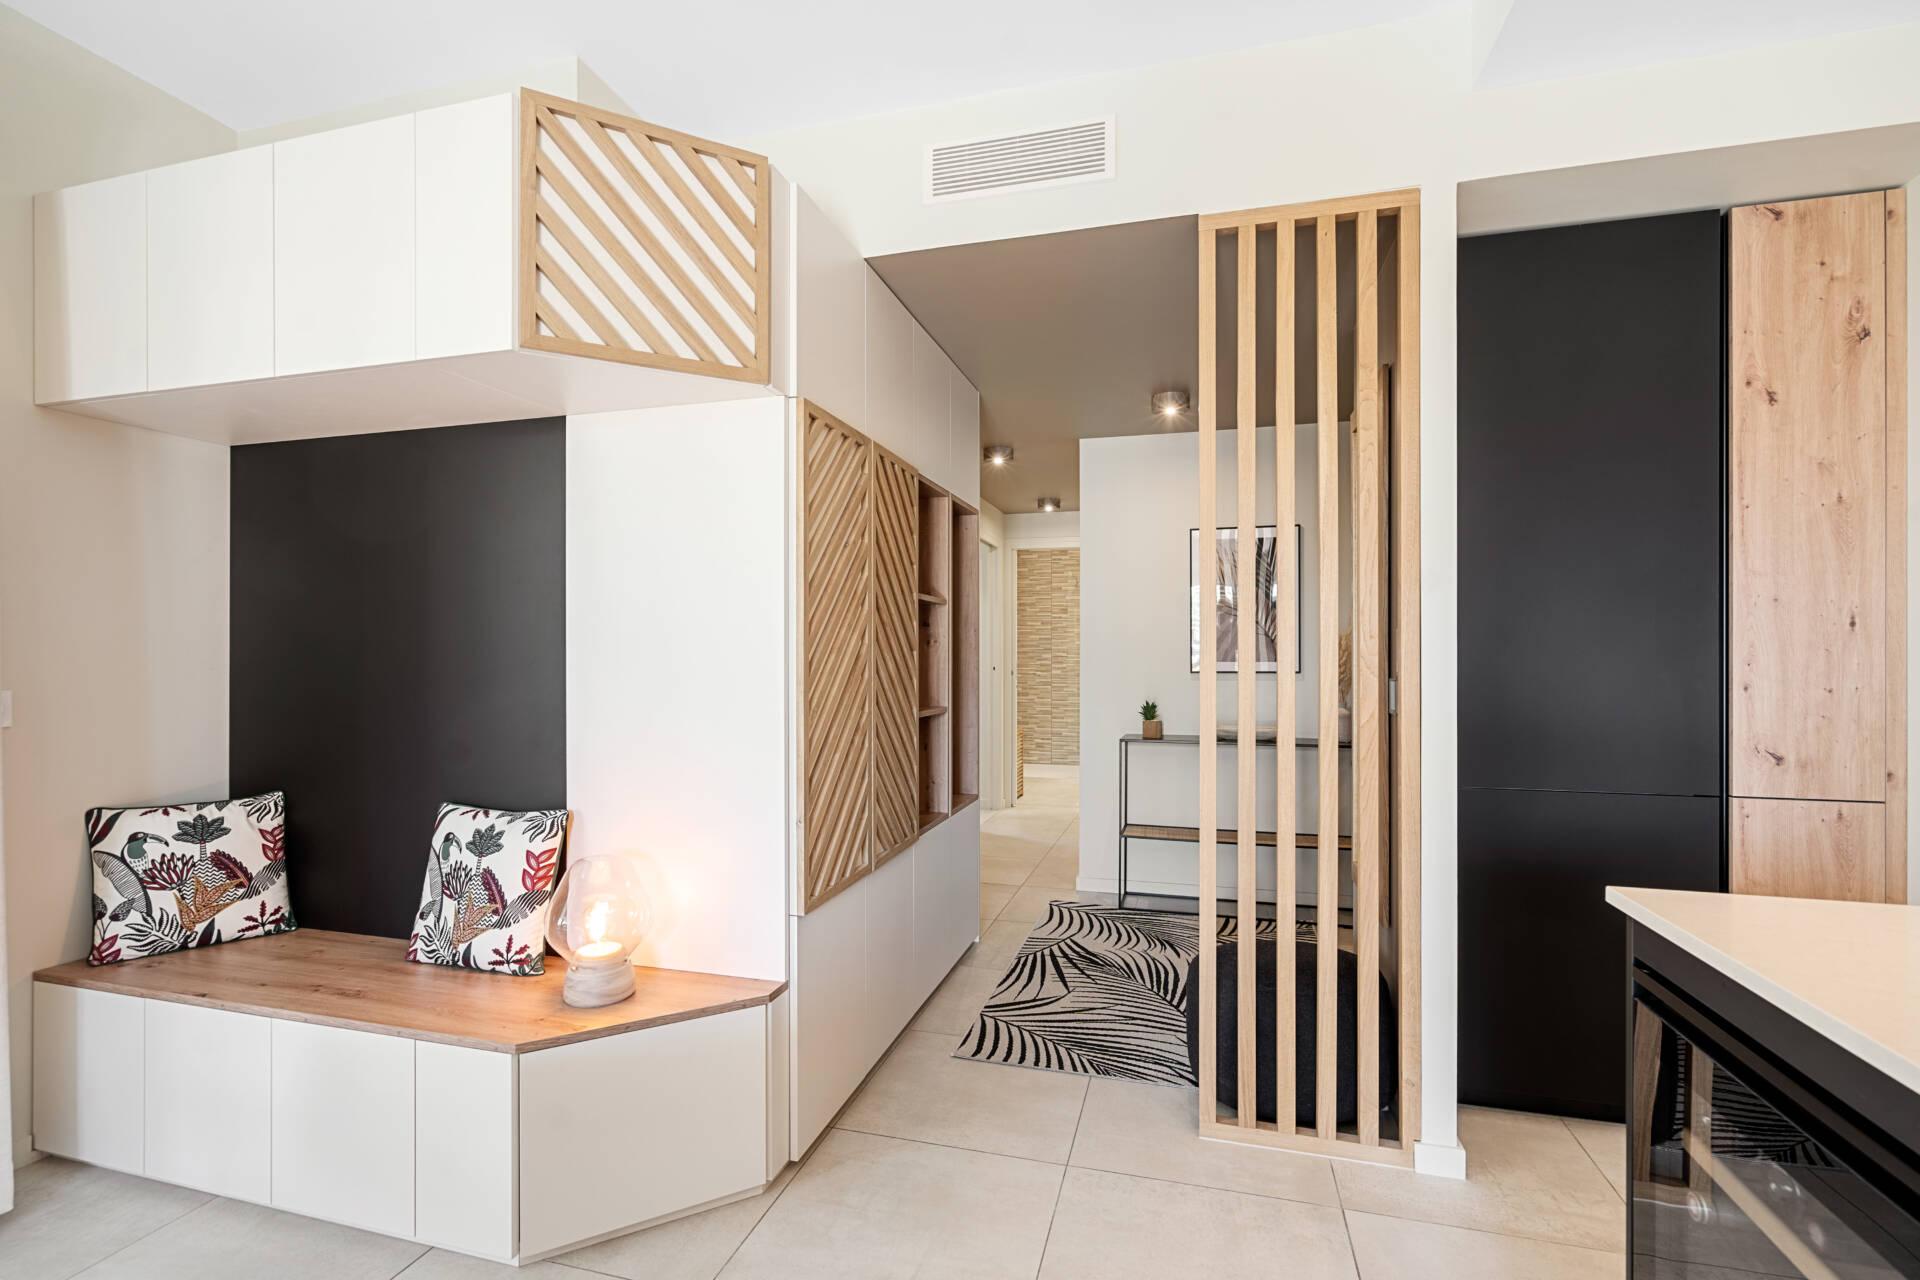 Décoration et agencement Appartement neuf Aix en Provence - Entrée avec meuble banc et claustra, par Myll décors , Agence de décoration à Aix en Provence et dans le Var